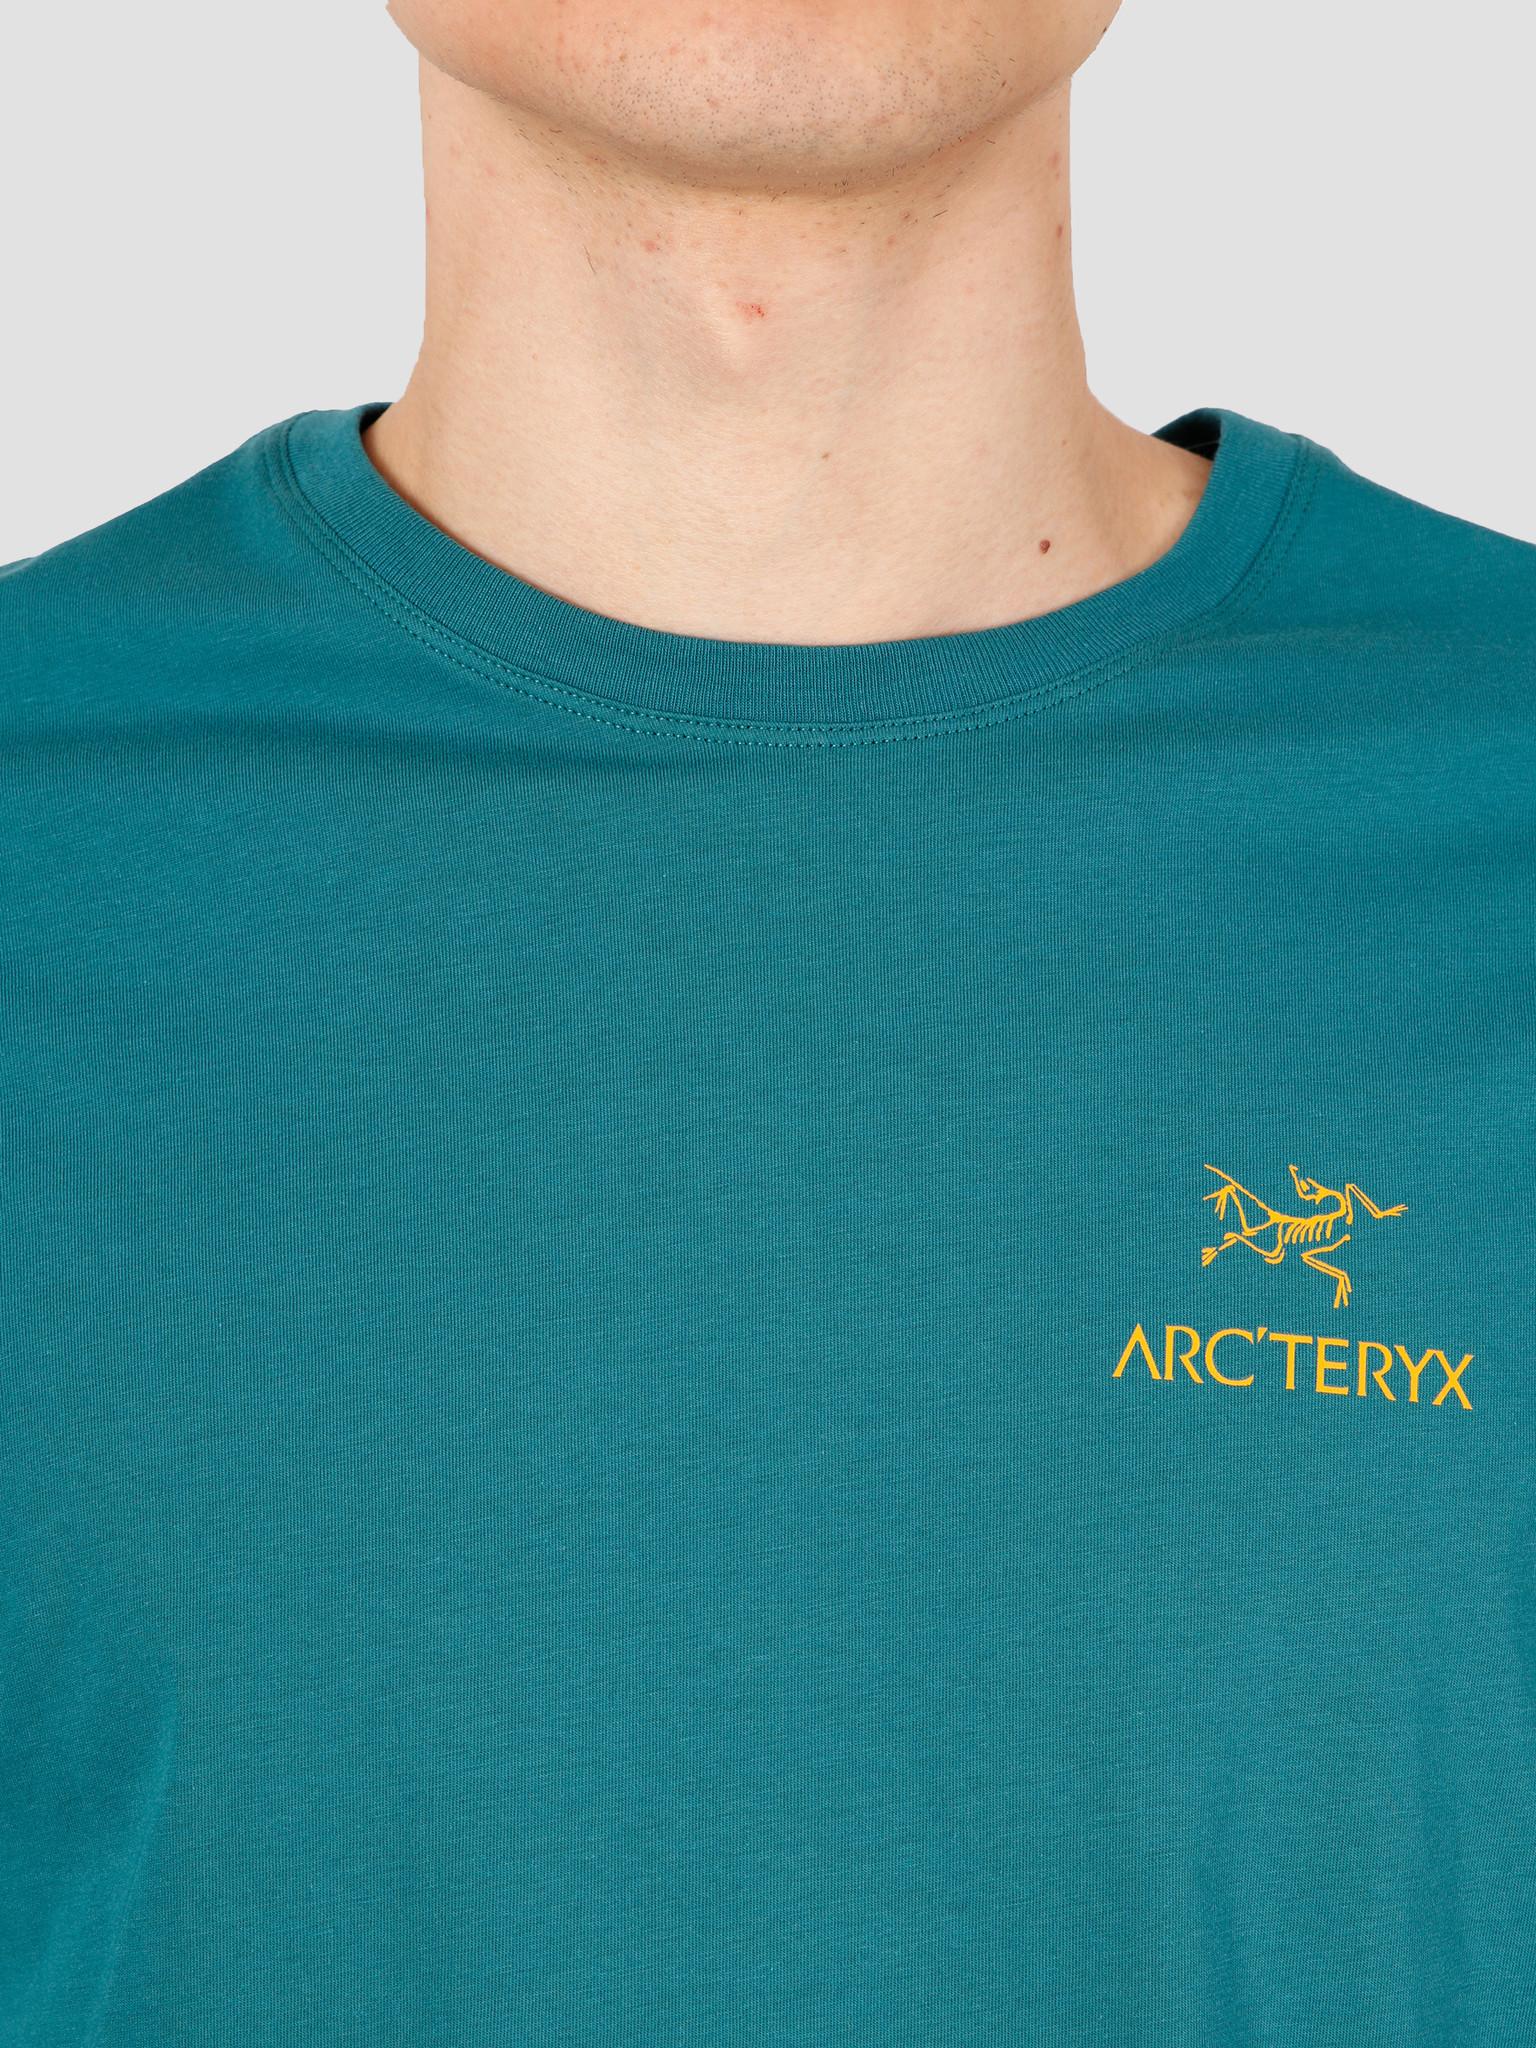 Arc'teryx Arc'teryx Emblem T-Shirt Paradigm 24026